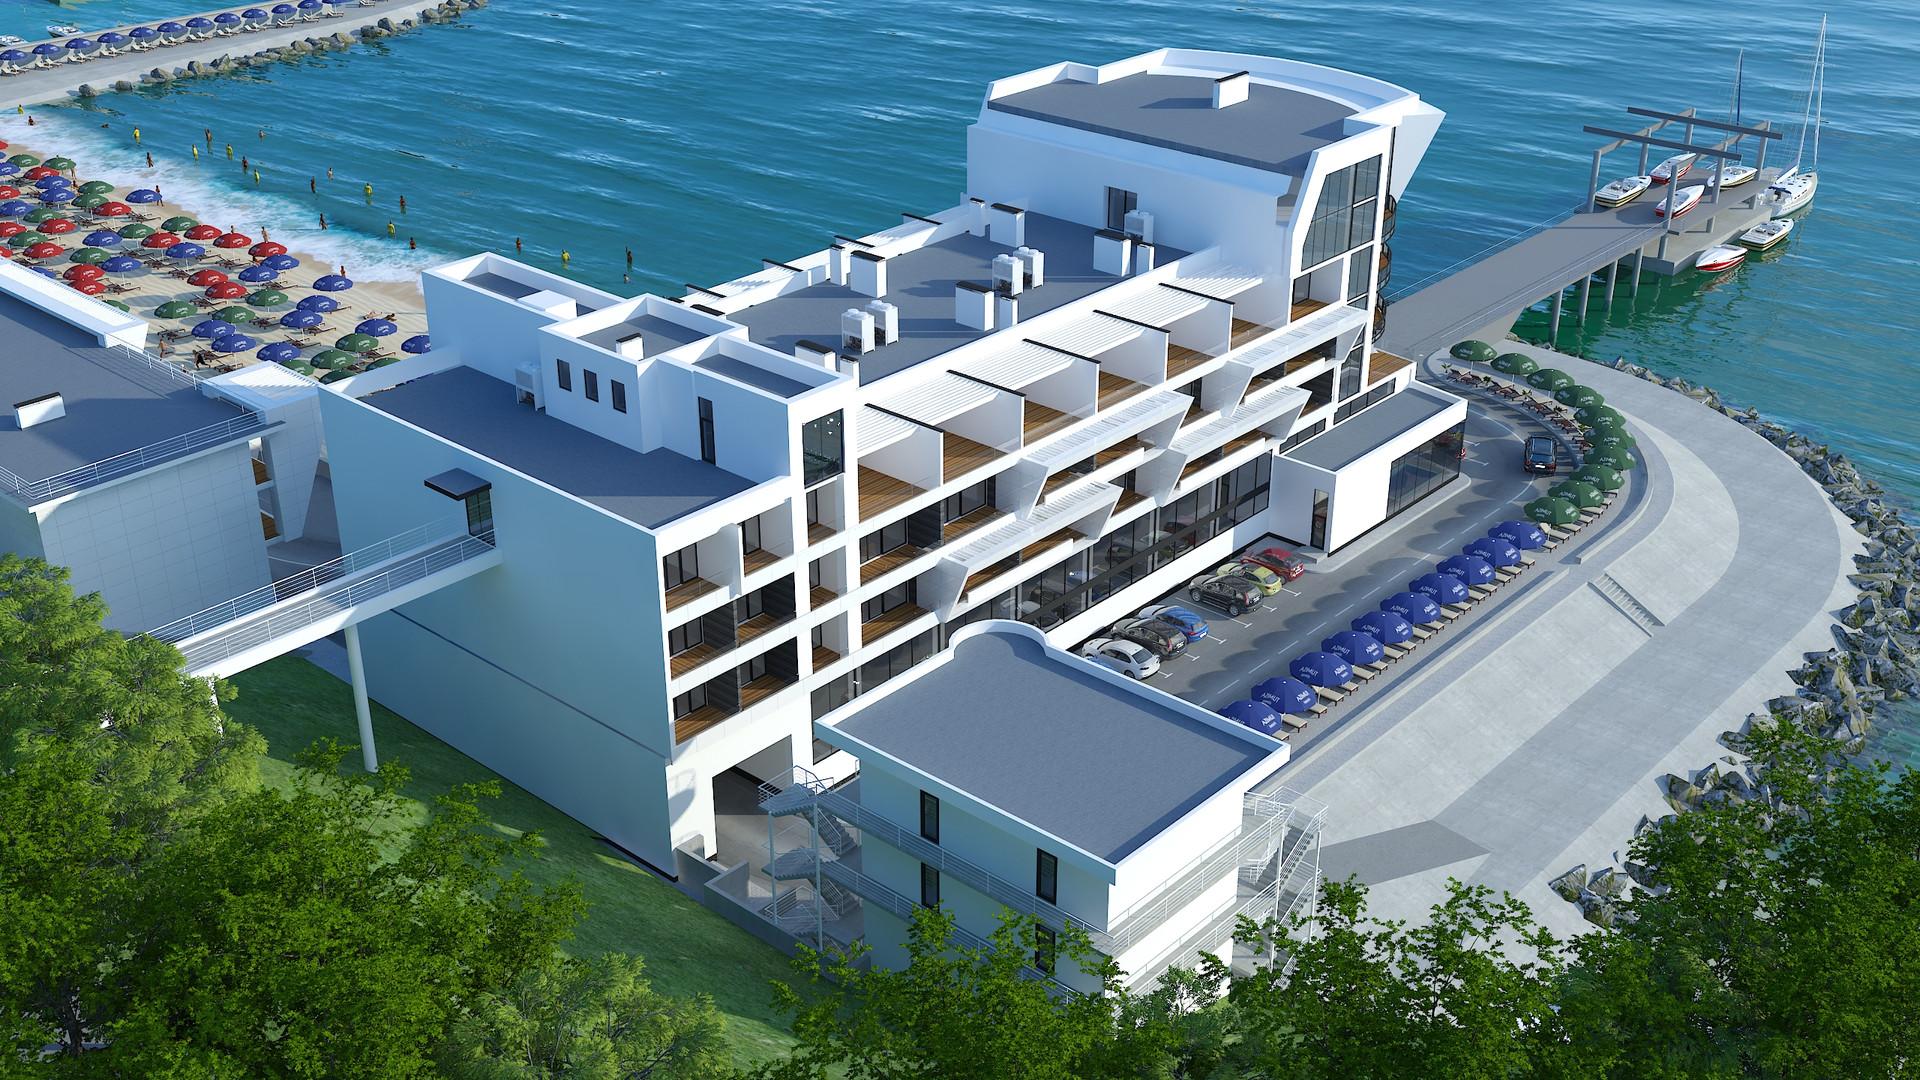 6 Яхт-клуб побережье.jpg